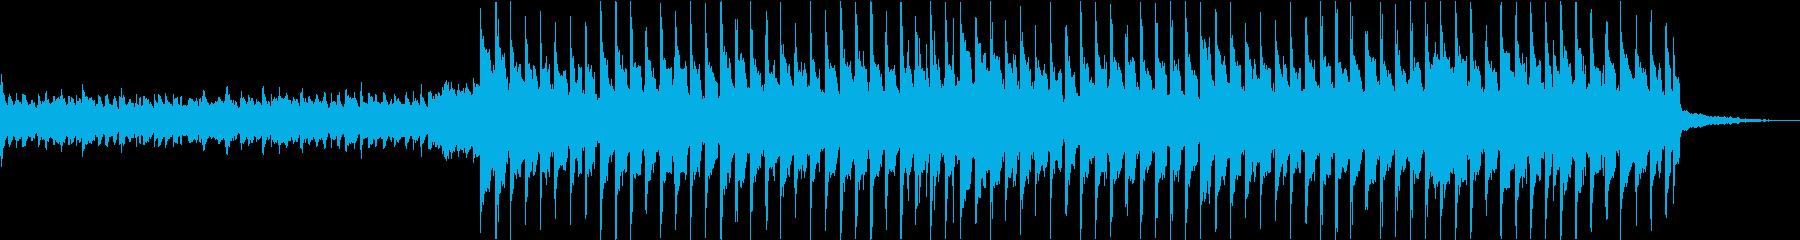 爽やかなギターアルペジオのUK風ポップスの再生済みの波形